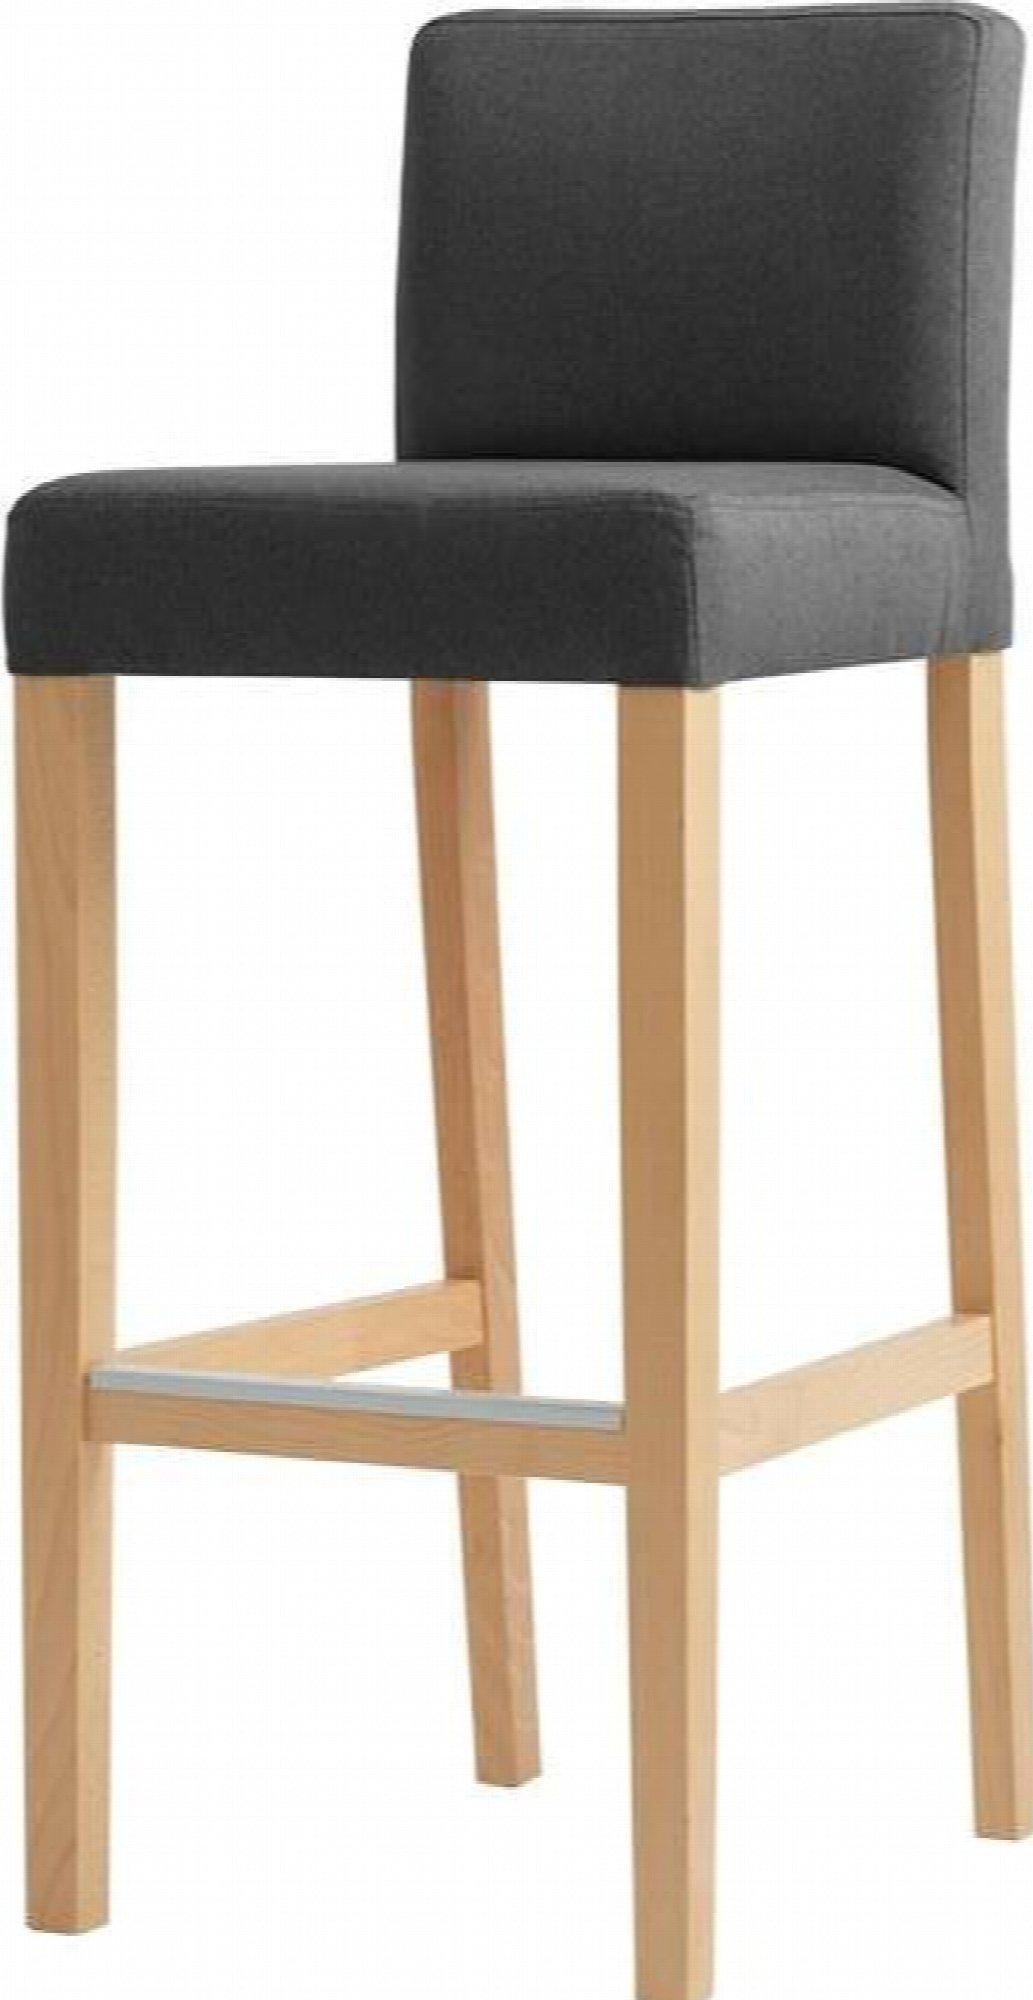 maison du monde Chaise de bar tissu rembourrée gris foncé pieds bois clair